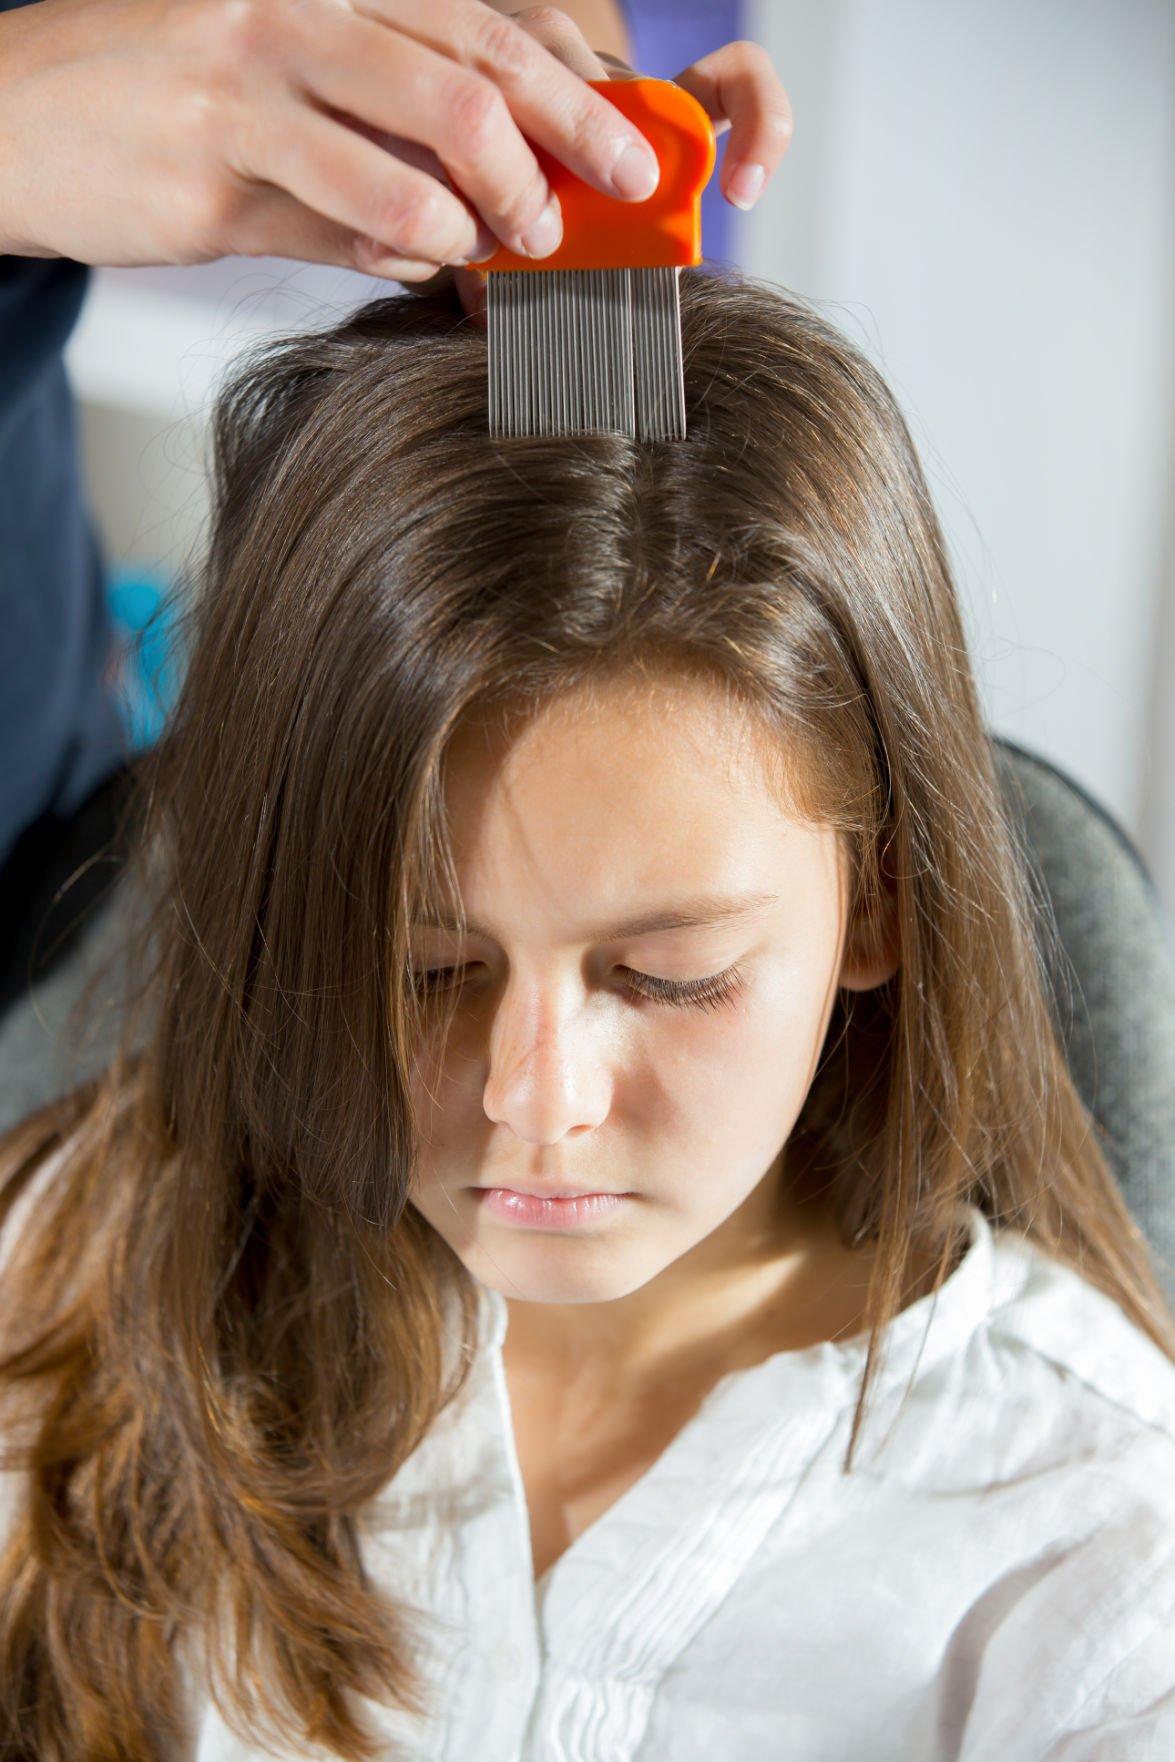 Lice Still Common Problem In Children Health Newspressnow